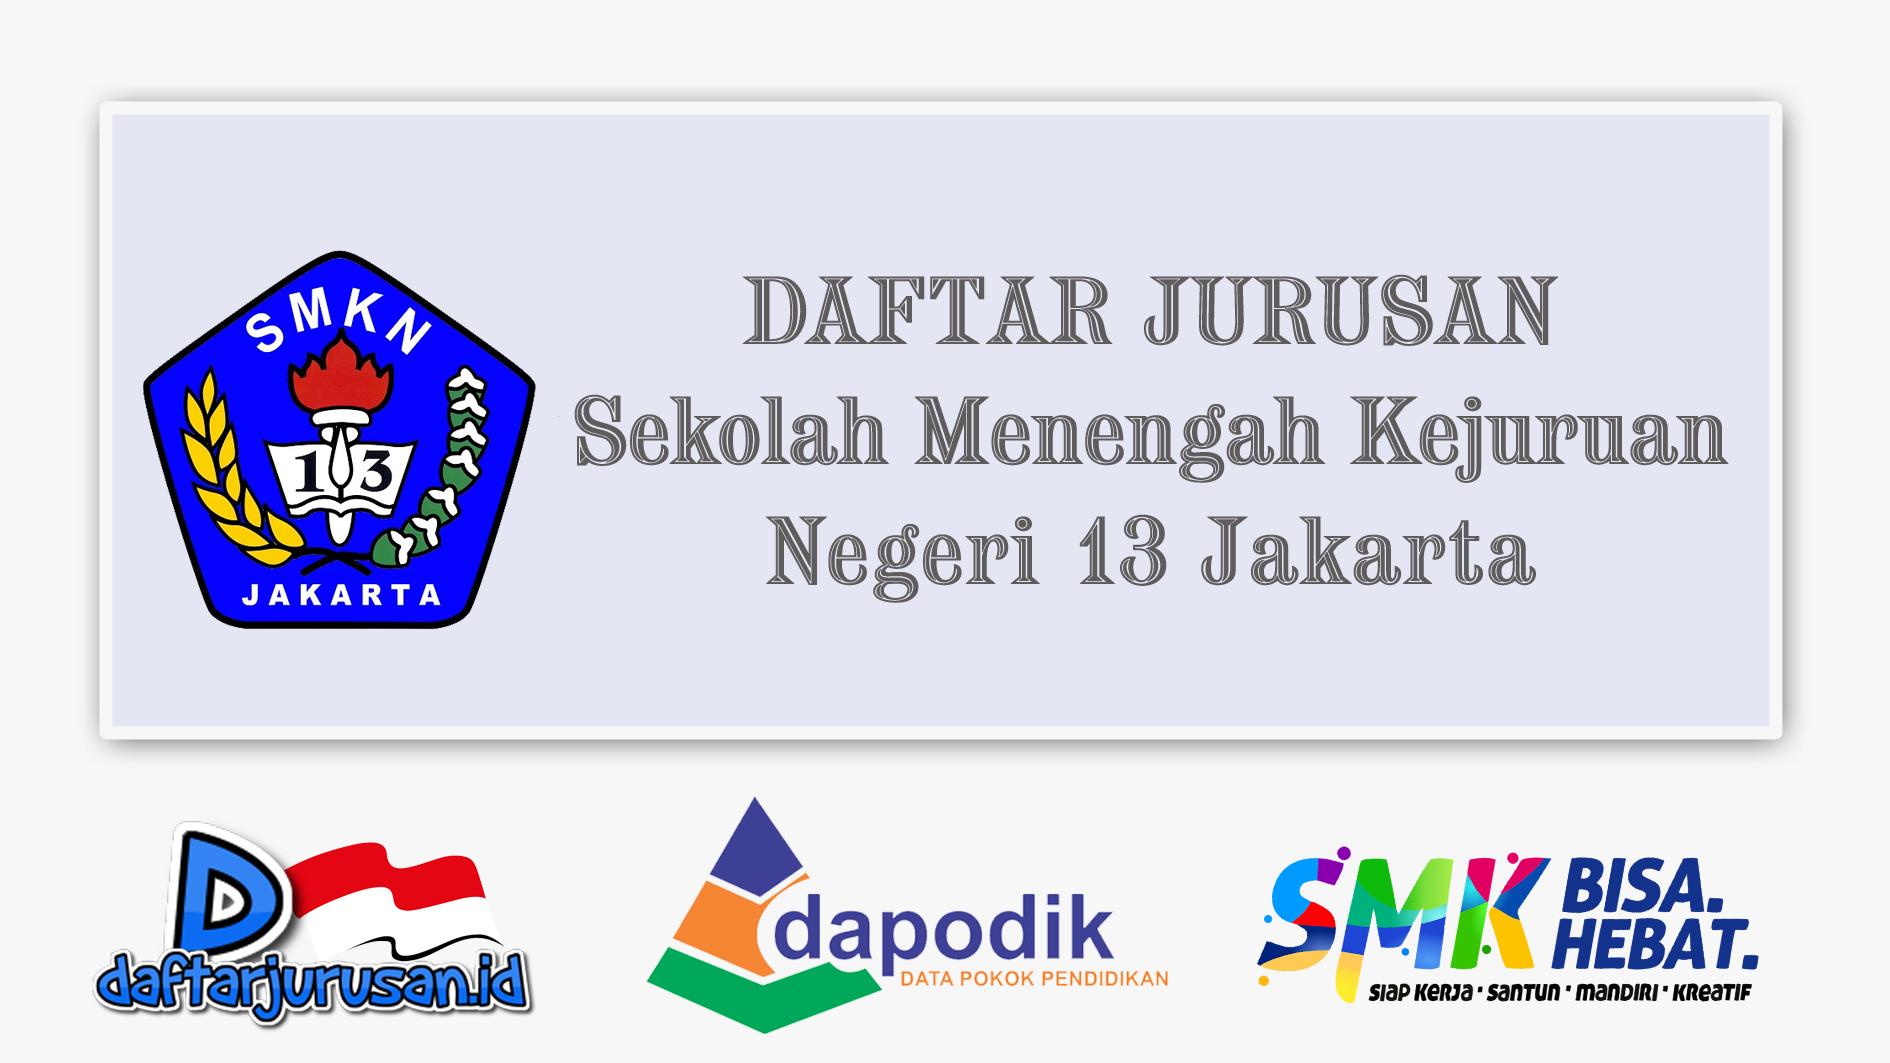 Daftar Jurusan SMK Negeri 13 Jakarta Barat